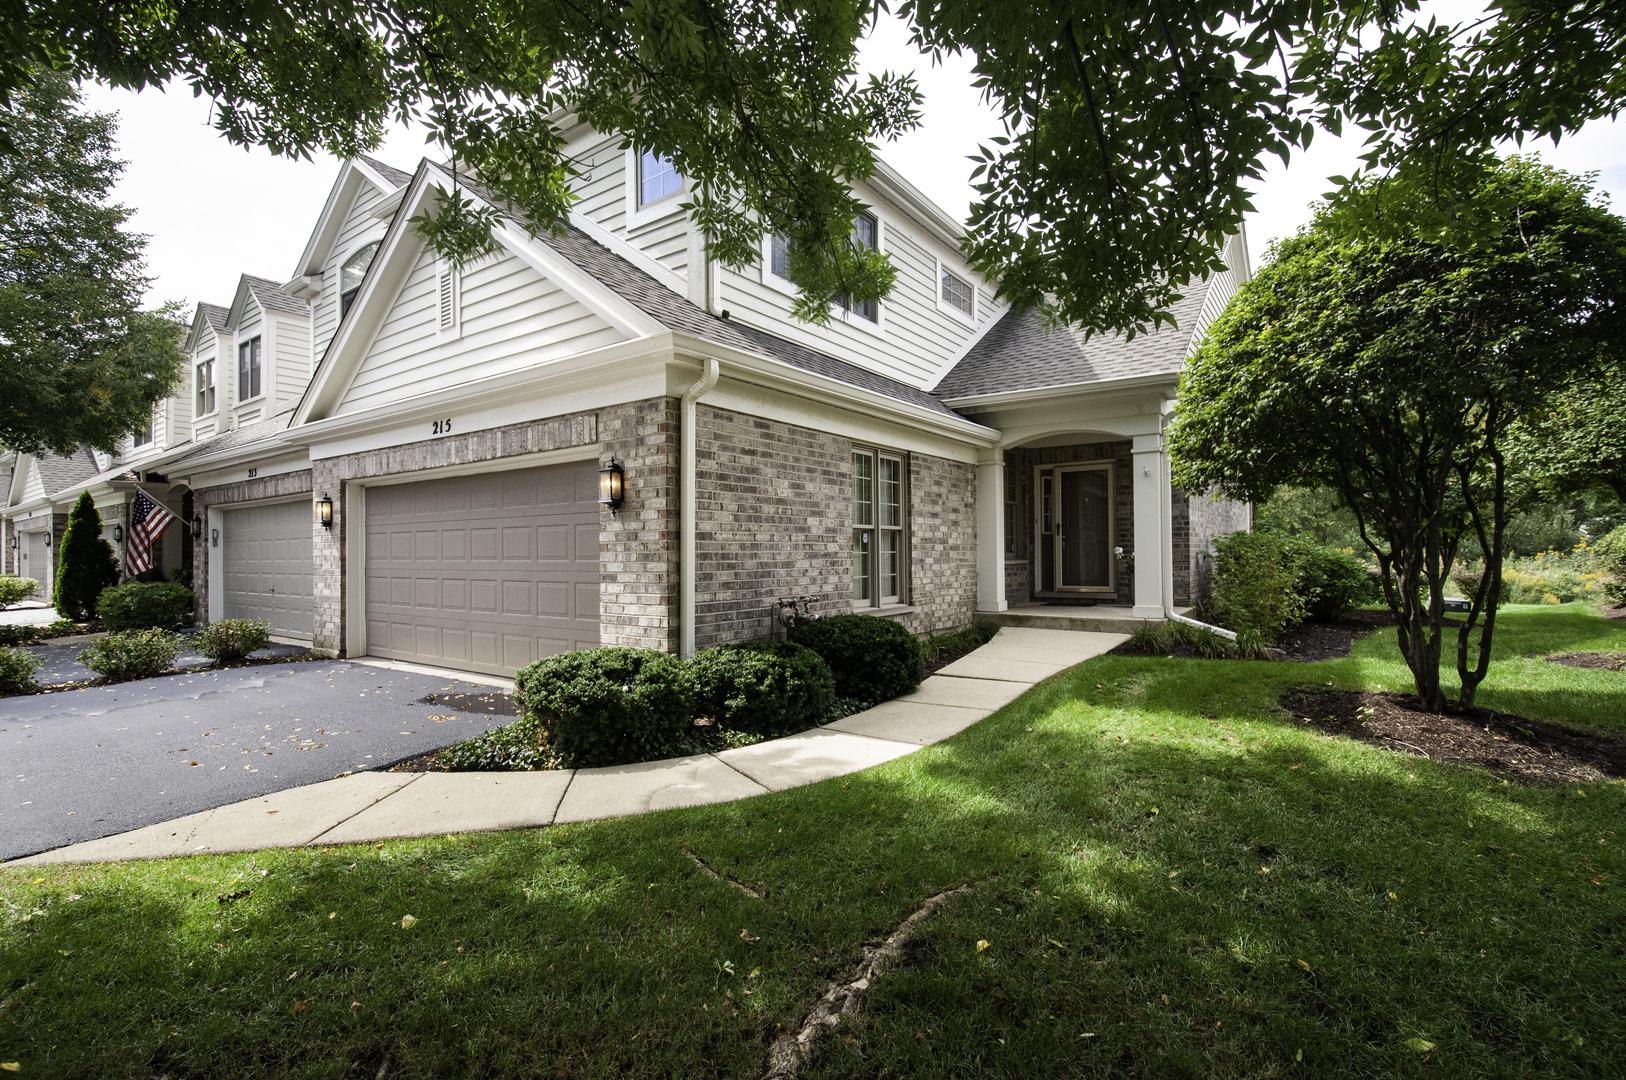 215 WILDFLOWER Lane, La Grange, Illinois